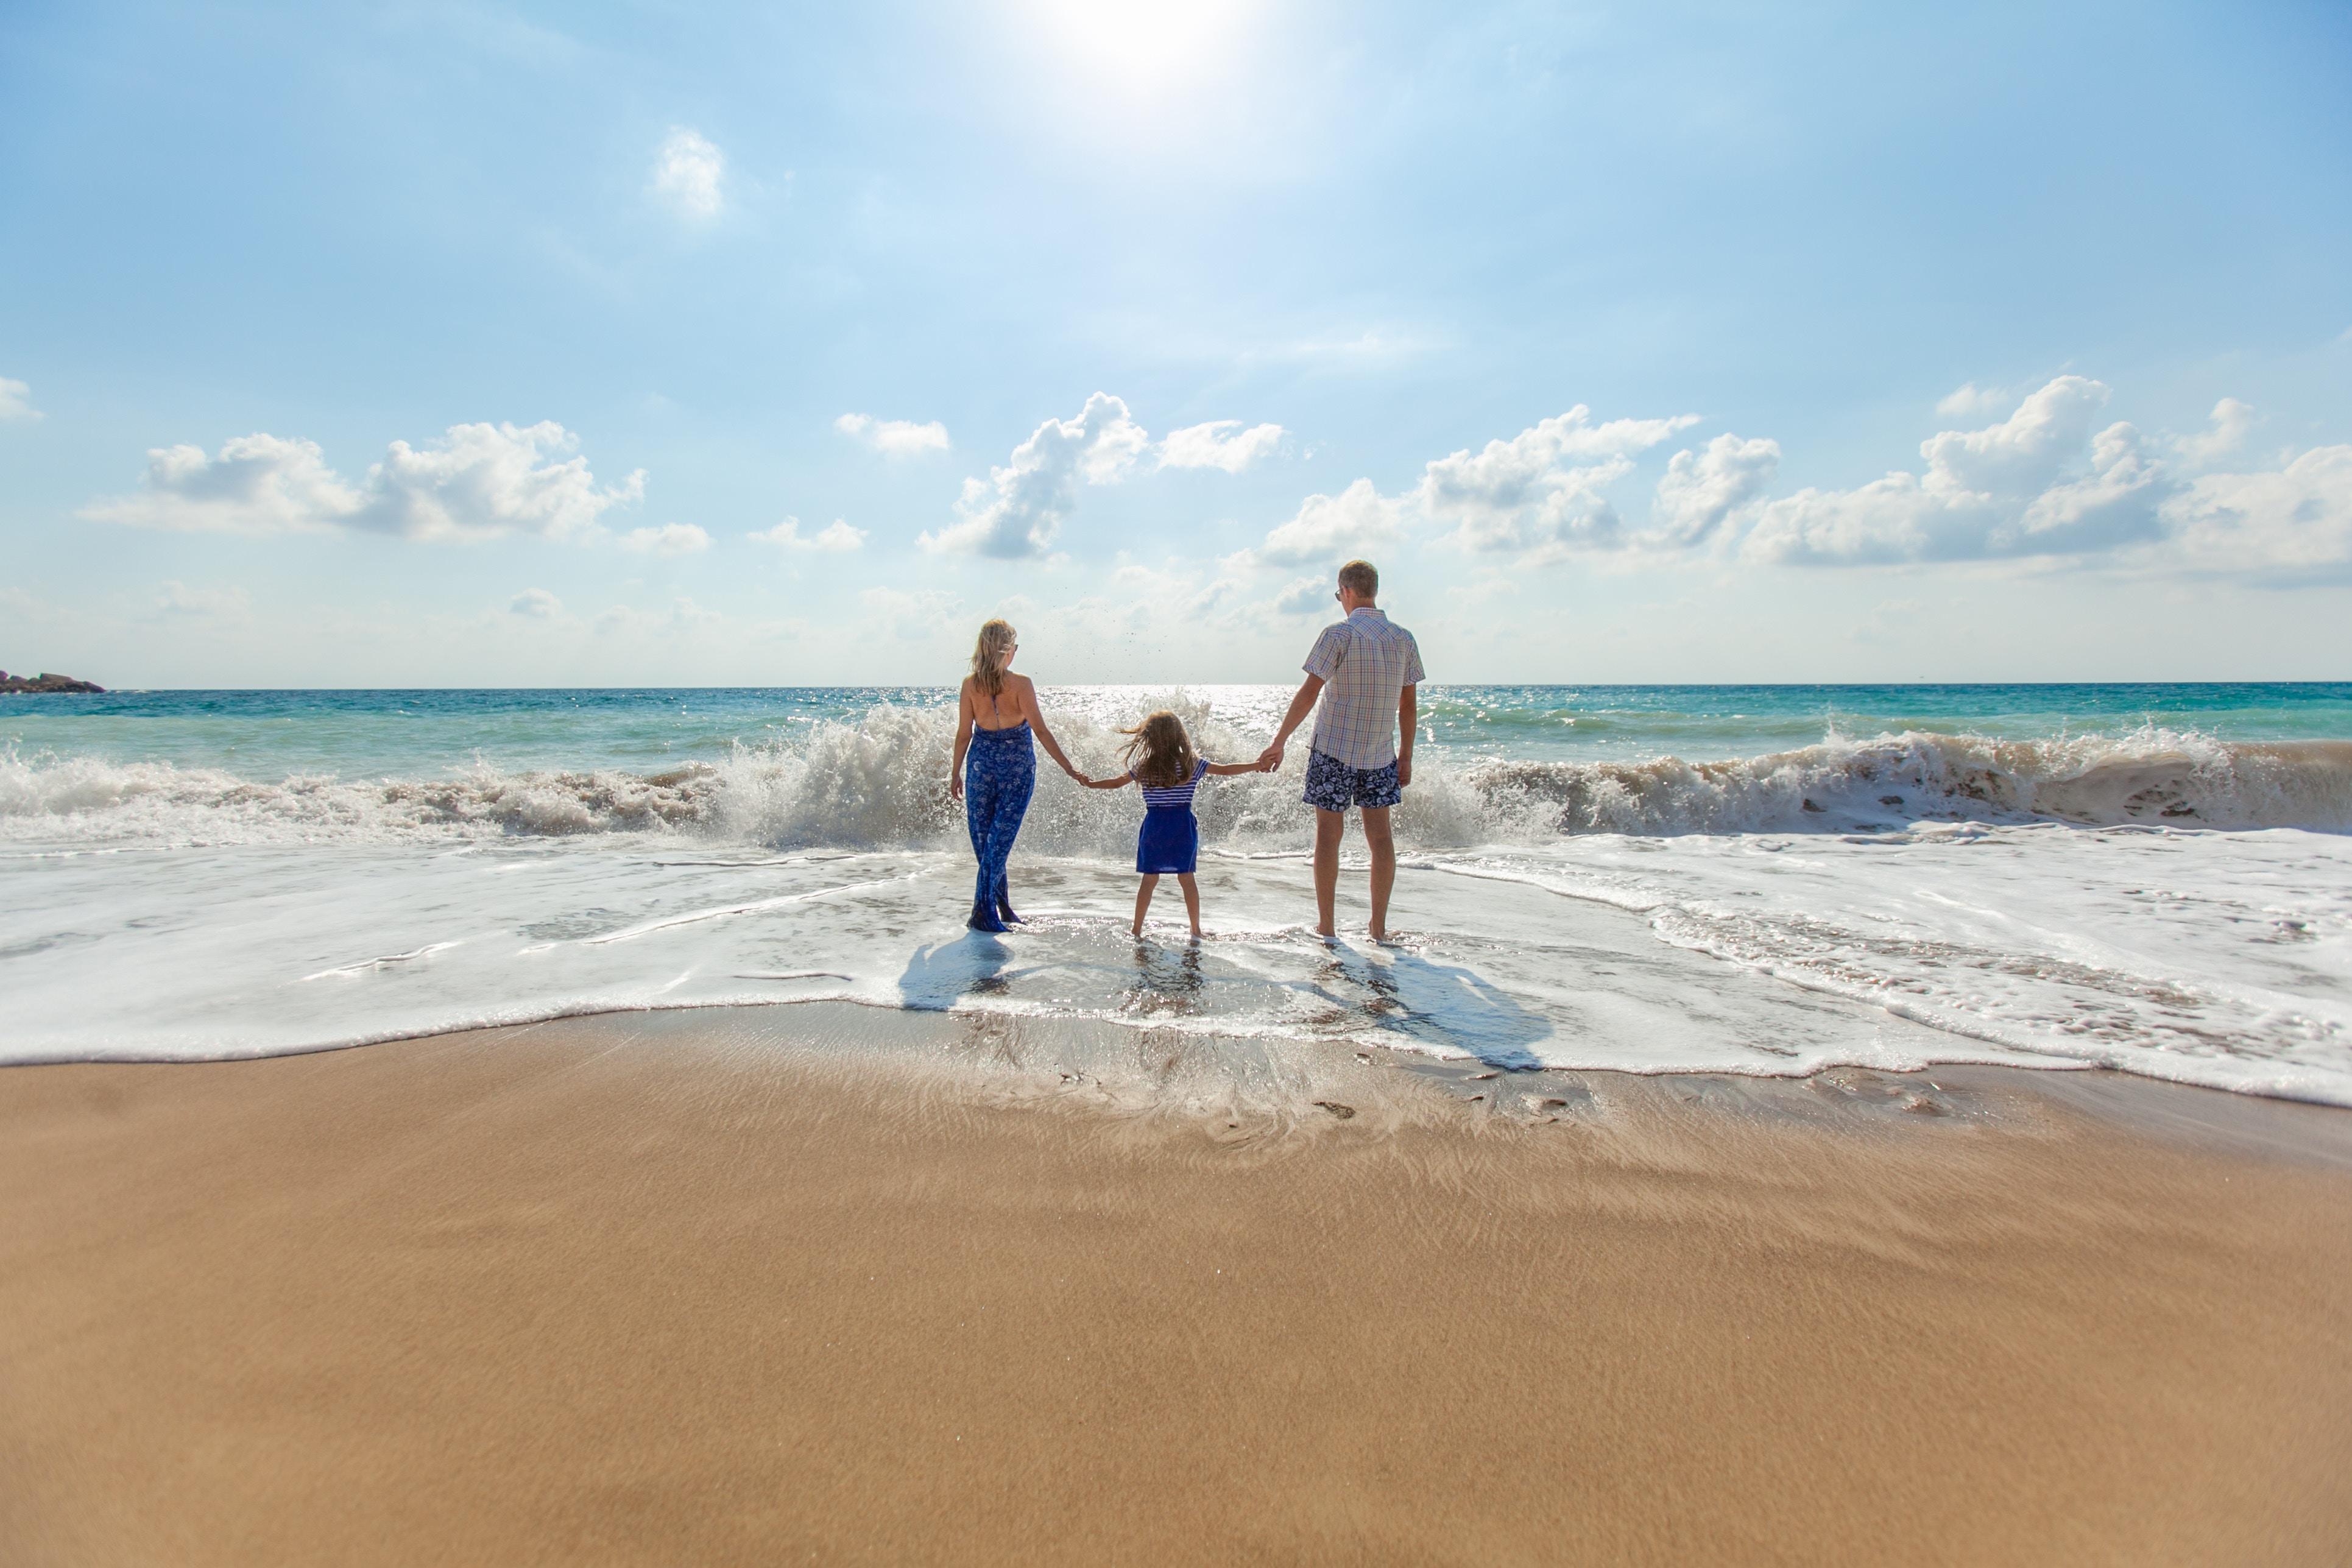 Family at Beach by Natalyze